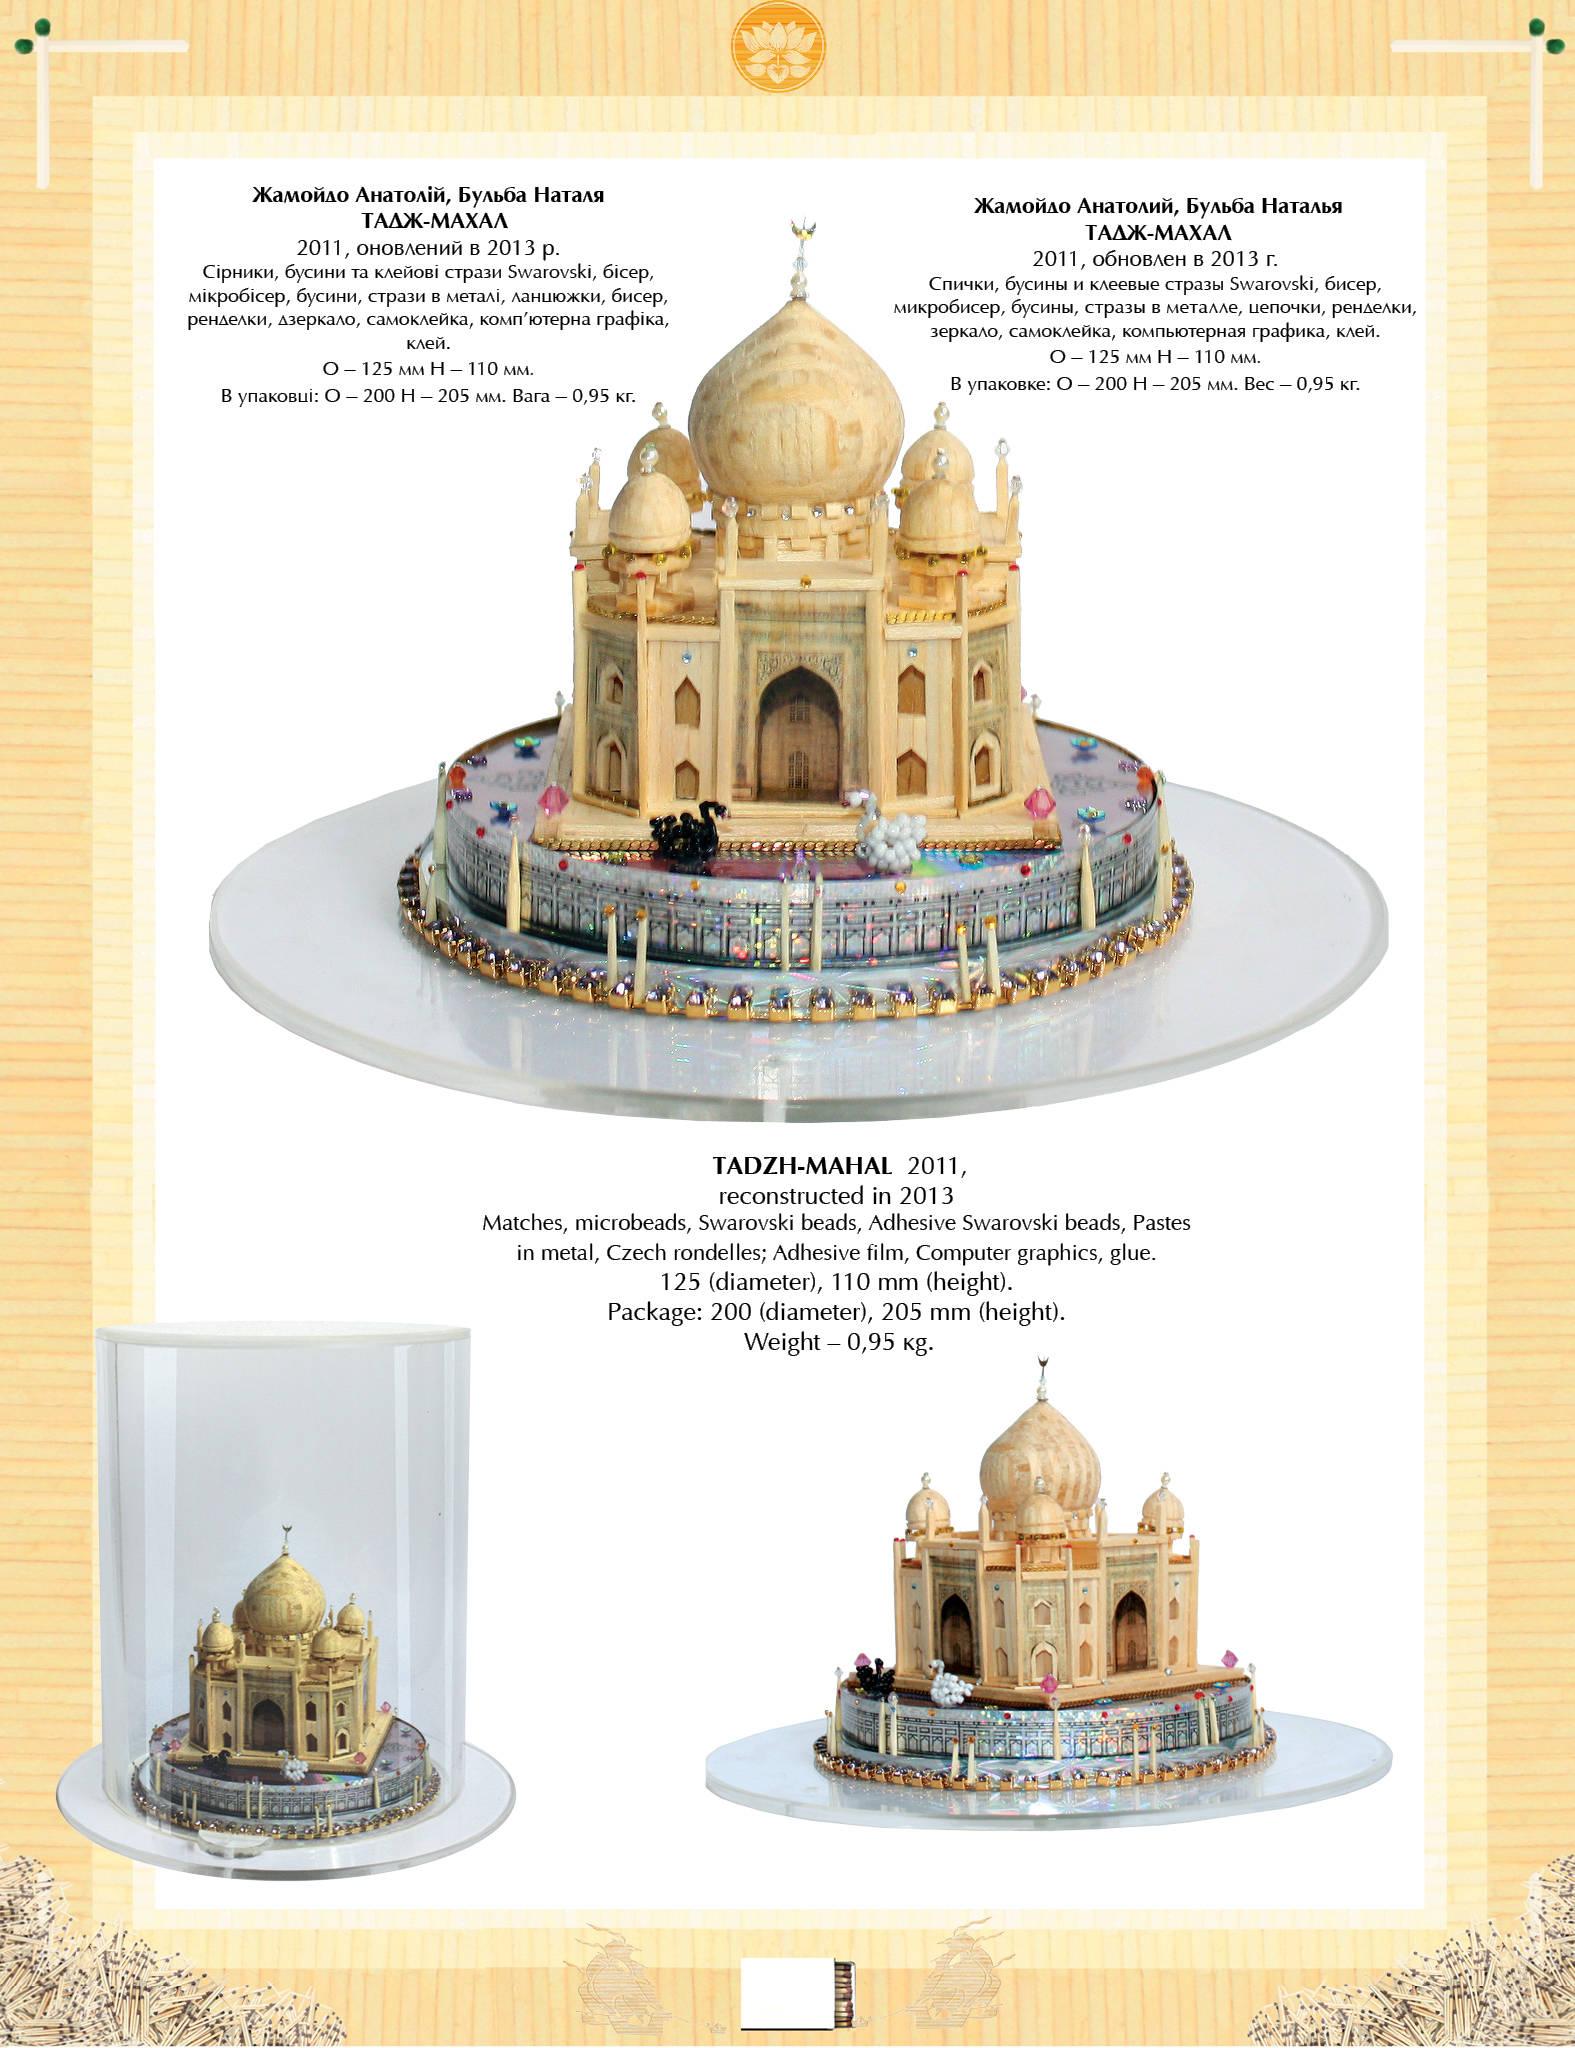 ТАДЖ-МАХАЛ  2011  Спички, бусины и клеевые стразы Swarovski, бисер, бусины, стеклярус, цепочки,  компьютерная графика.  О – 125 мм Н – 110 мм.  В упаковке: О – 200 Н – 205 мм. Вес – 0,95 кг. Архитектура ислама великолепна, многогранна и достаточно разнообразна. Но выбор Тадж-Махала в качестве архитектурной основы, «визитки» для целого цивилизационного направления более чем закономерен.  С одной стороны, это сооружение – вершина именно исламской архитектуры, а с другой, – памятник вечной любви, чувству общечеловеческому, выходящему за рамки религий, народности, национальной культуры.  Тадж-Махал справедливо считается одним из 7 новых чудес света. Взяв за основу основные пропорции сооружения, авторы миниатюр подчеркнули их совершенство блеском бусин и клеевых камушков Swarovski, несколькими лотосами и фигурами двух лебедей – белого и черного. Их появление в композиции должно напомнить о красивой легенде. Утверждают, что напротив нынешнего белого мавзолея (посвященного любимой жене Мумтаз-Махал), его создатель – Шах-Джахан – собирался построить его близнец, но только черного цвета.  (Этот замысел авторы воплотили в виде двух миниатюр из бисера и бусин, но эти работы не входят в данную коллекцию.)  ТАДЖ-МАХАЛ ~ TAJ MAHAL ~ ТАДЖ-МАХАЛ  https://www.youtube.com/watch?v=cuNiNs4cQPk